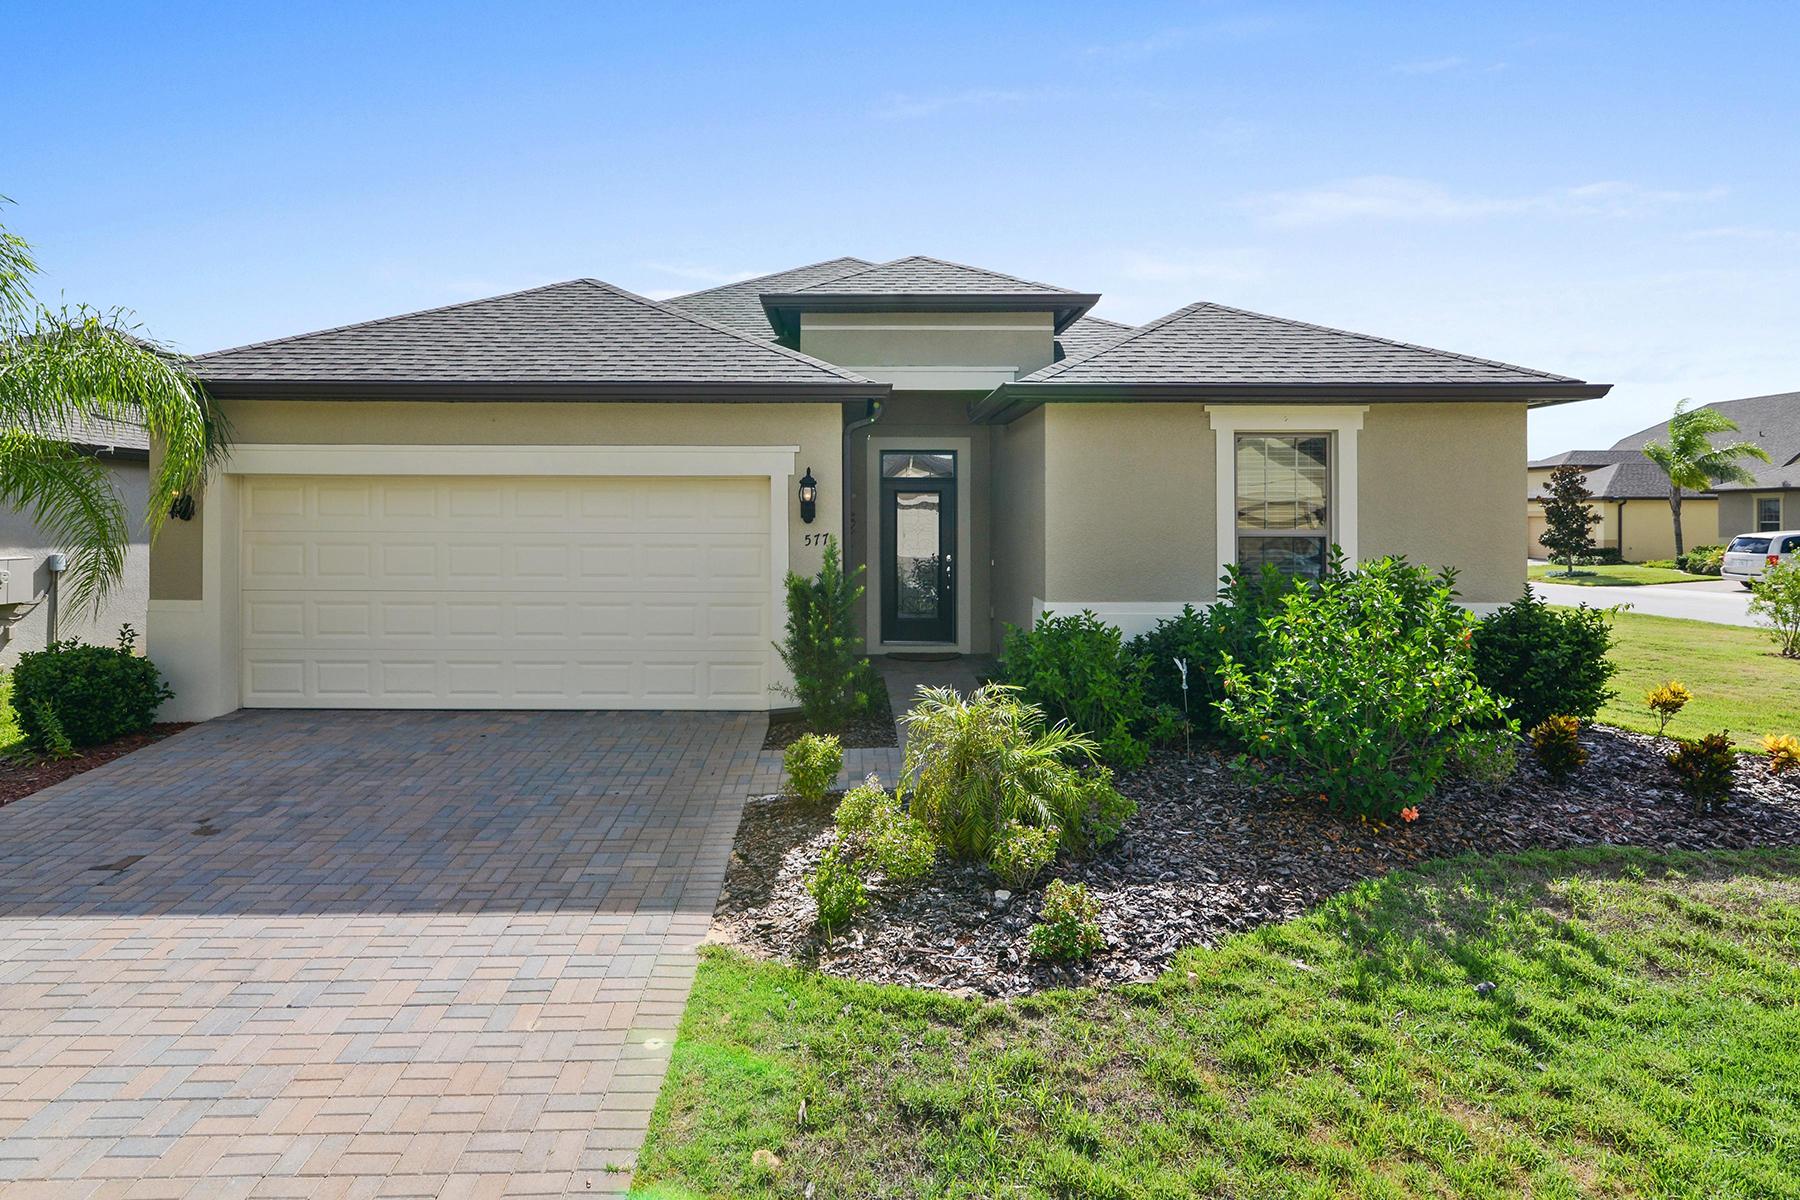 独户住宅 为 销售 在 DAVENPORT,FLORIDA 577 Grande Dr 达文波特, 佛罗里达州, 33837 美国